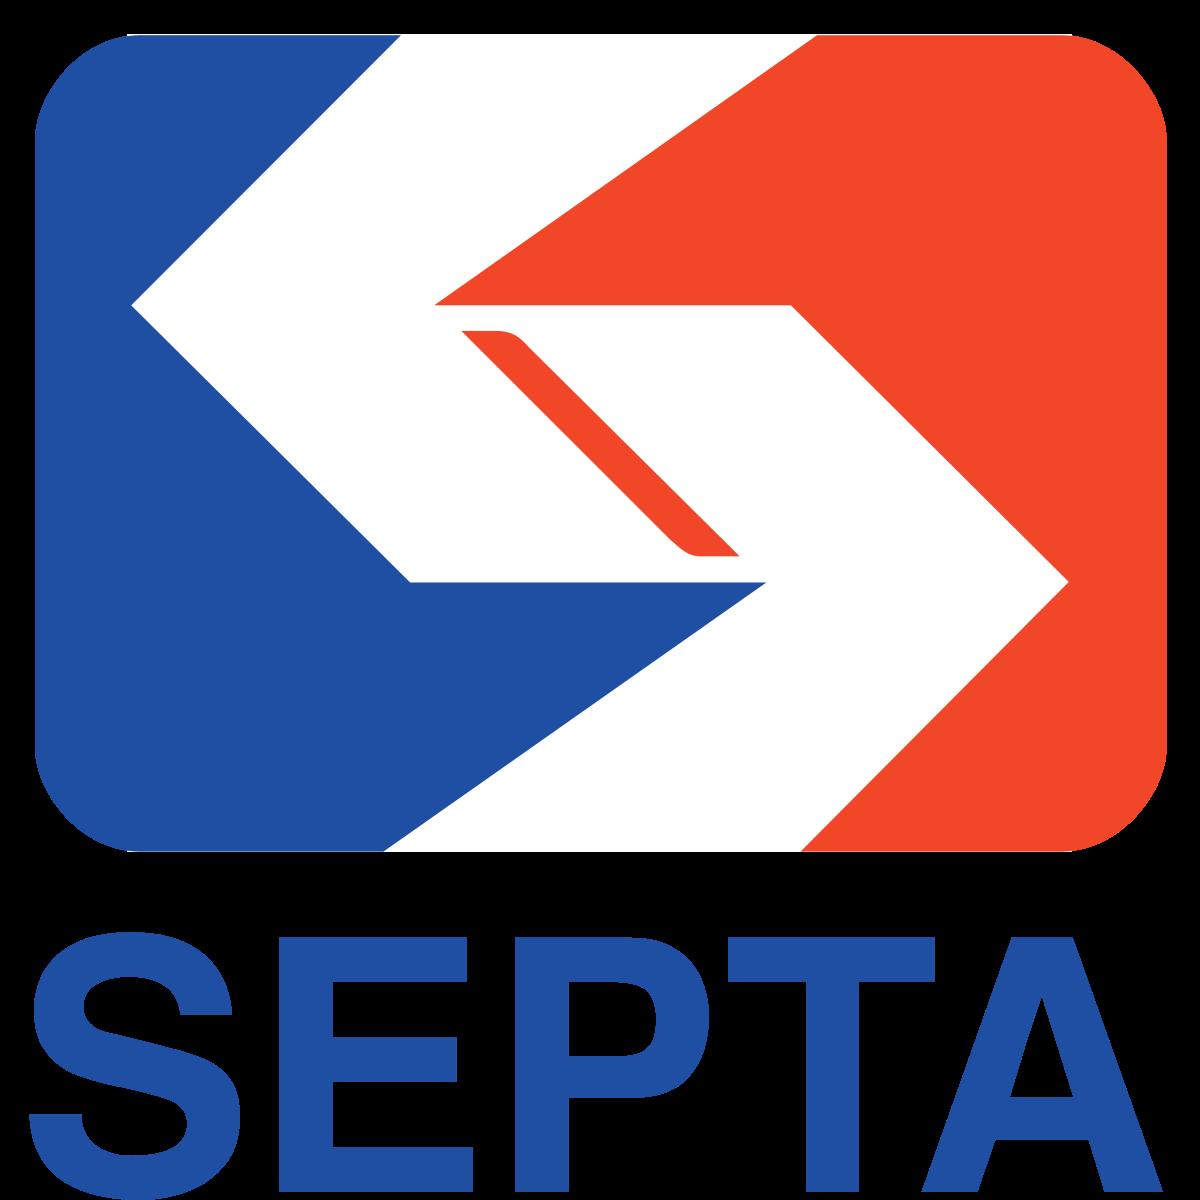 logos septa